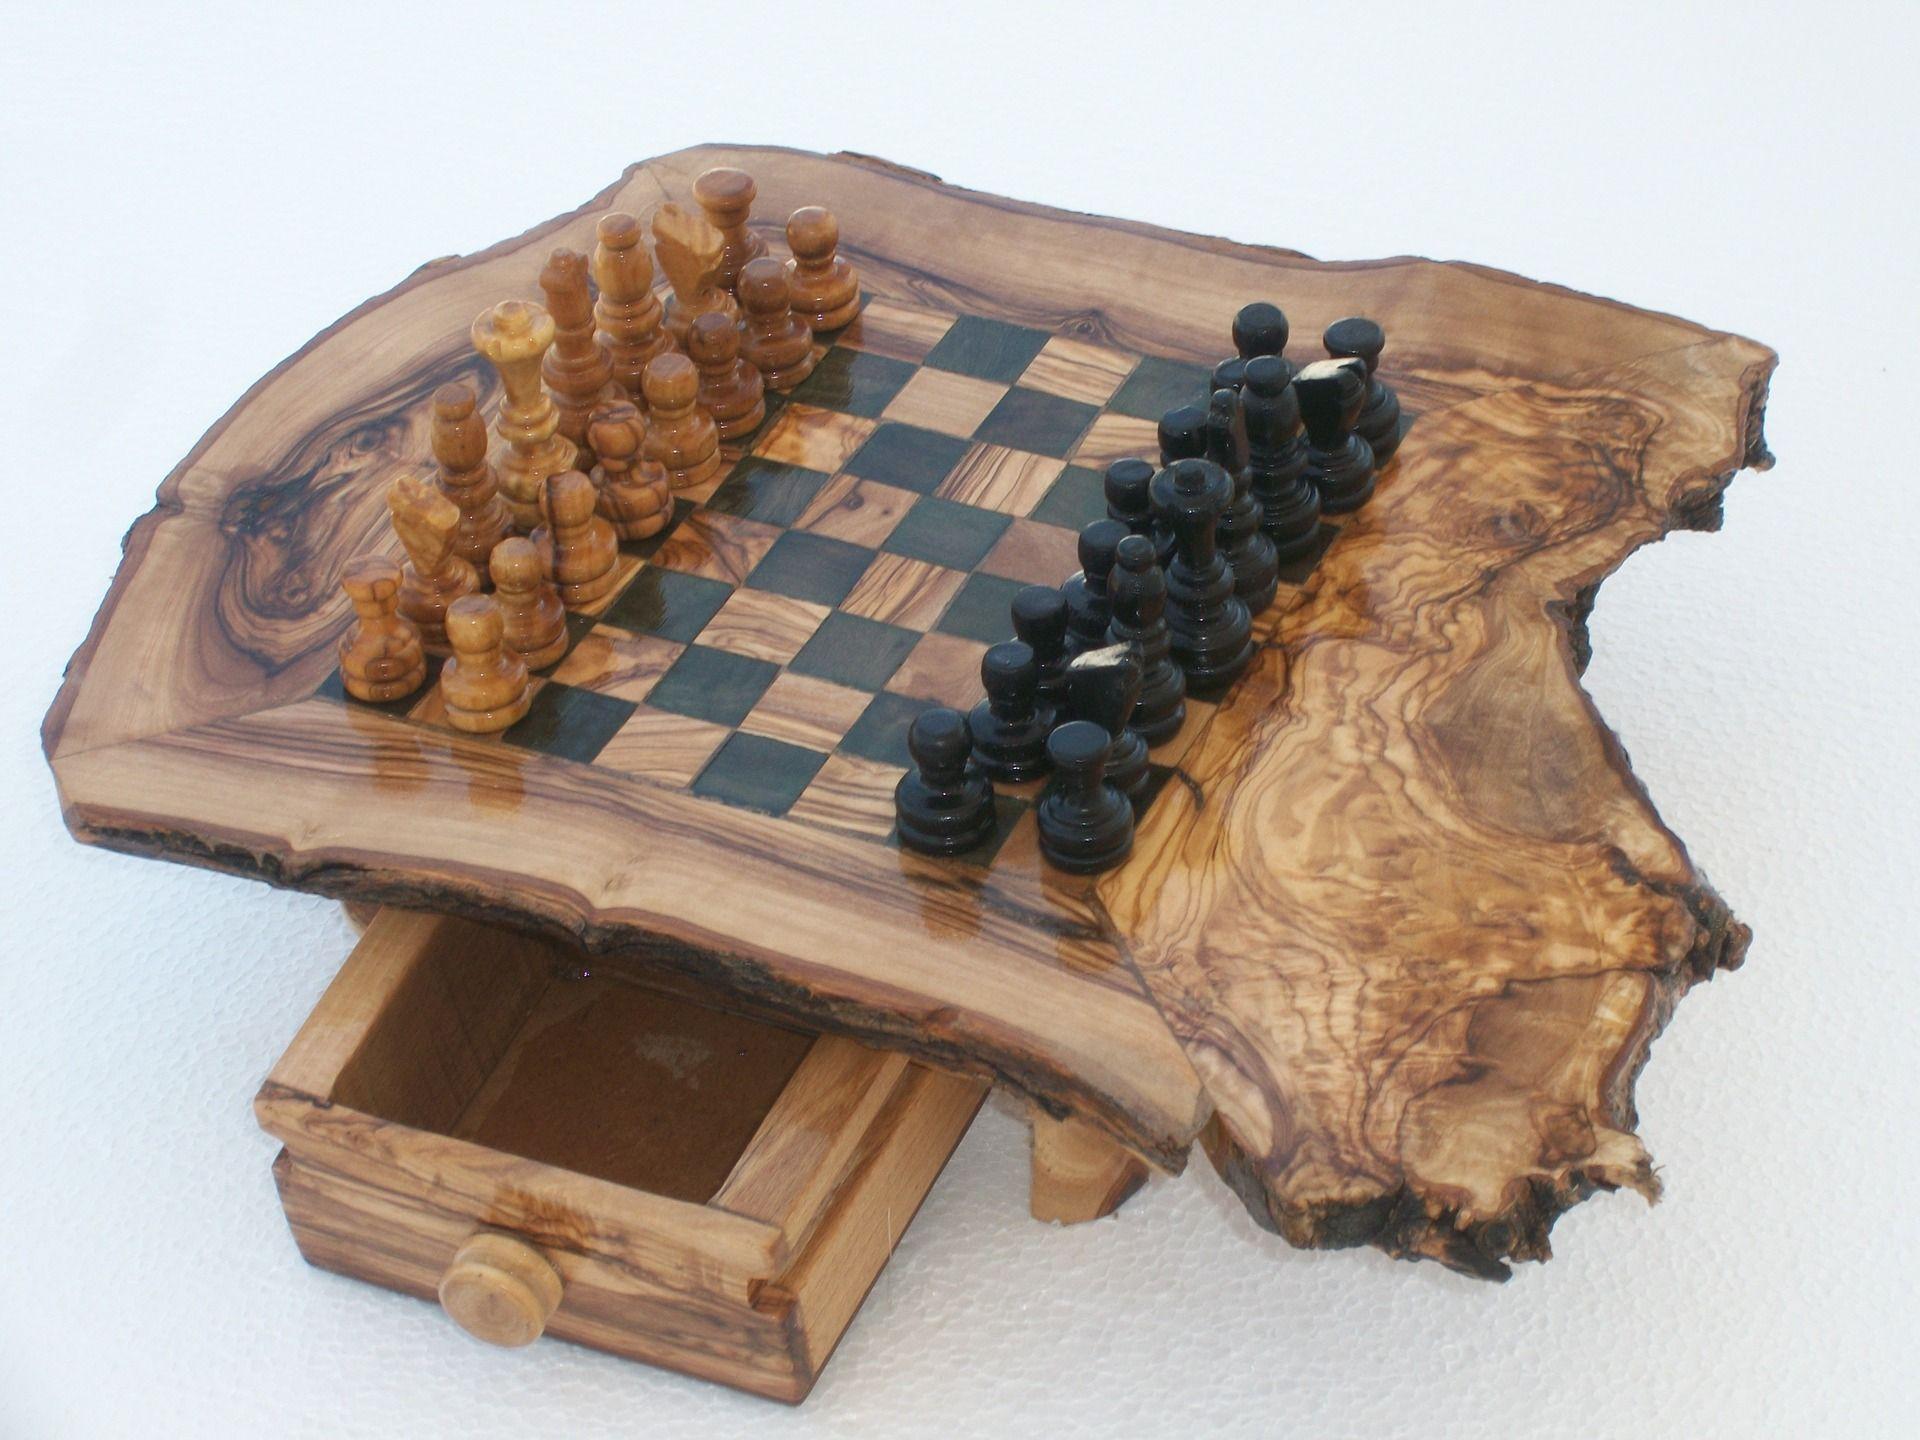 jeu d 39 chec en bois chiquier en bois pi ces d 39 echec en bois. Black Bedroom Furniture Sets. Home Design Ideas